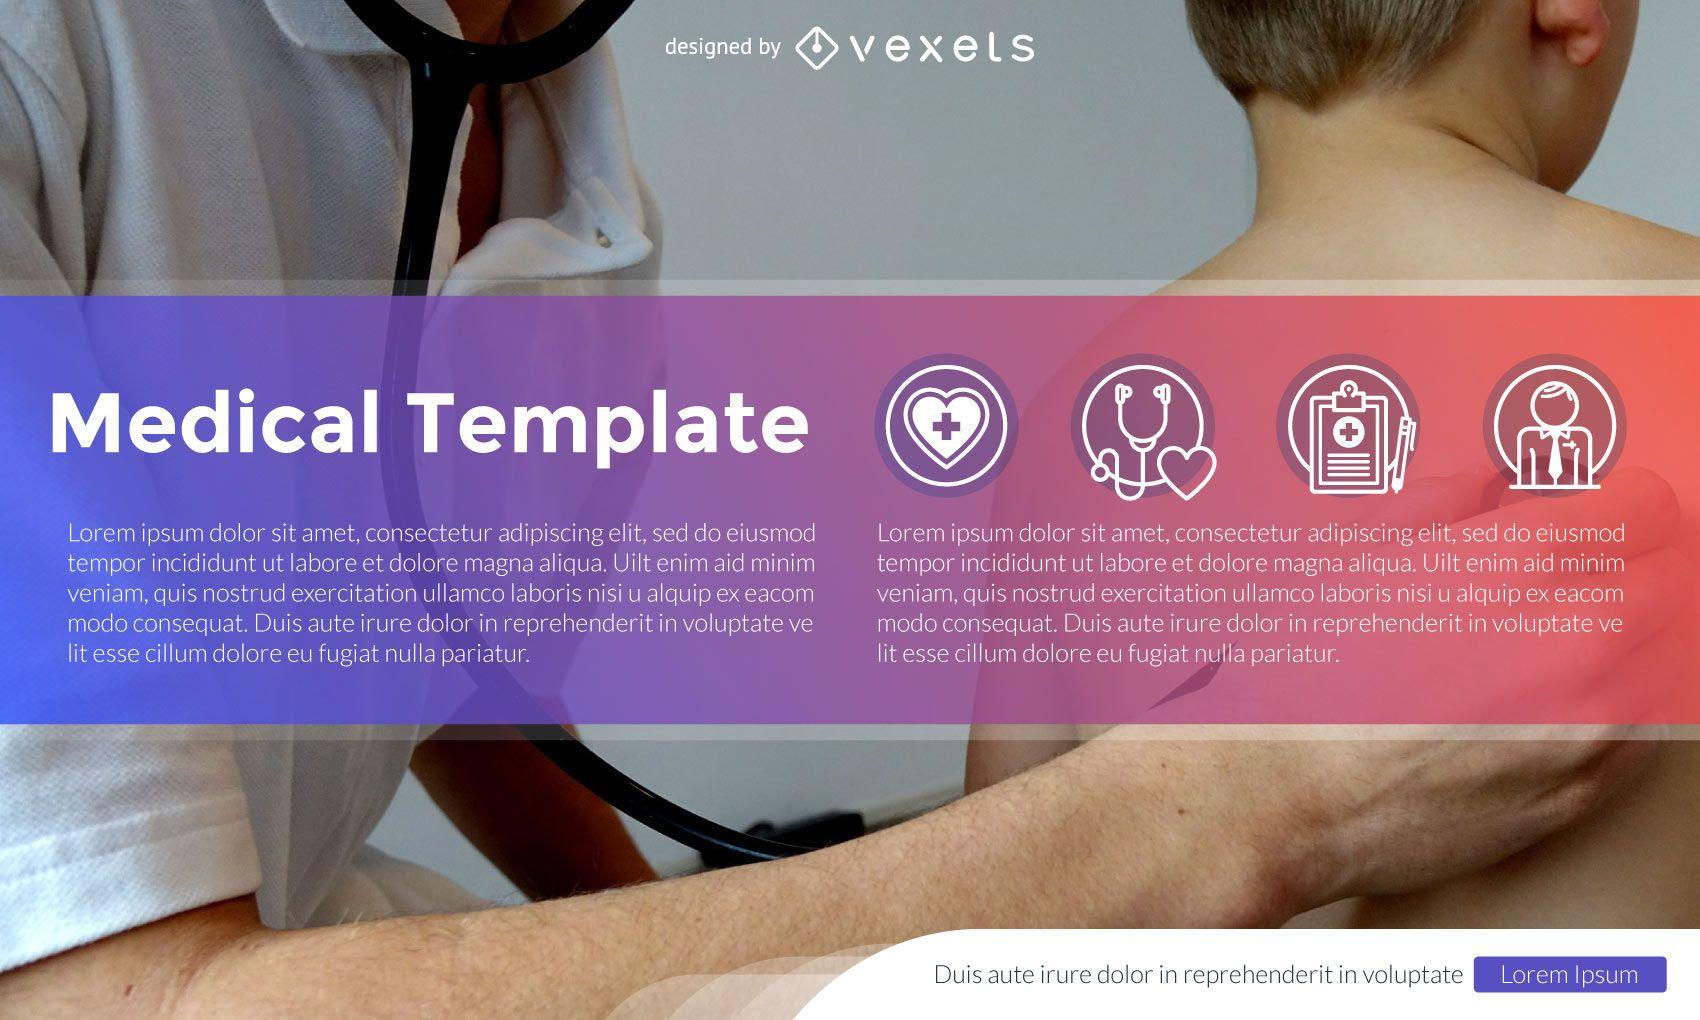 Diseño de plantillas de salud y medicina con iconos